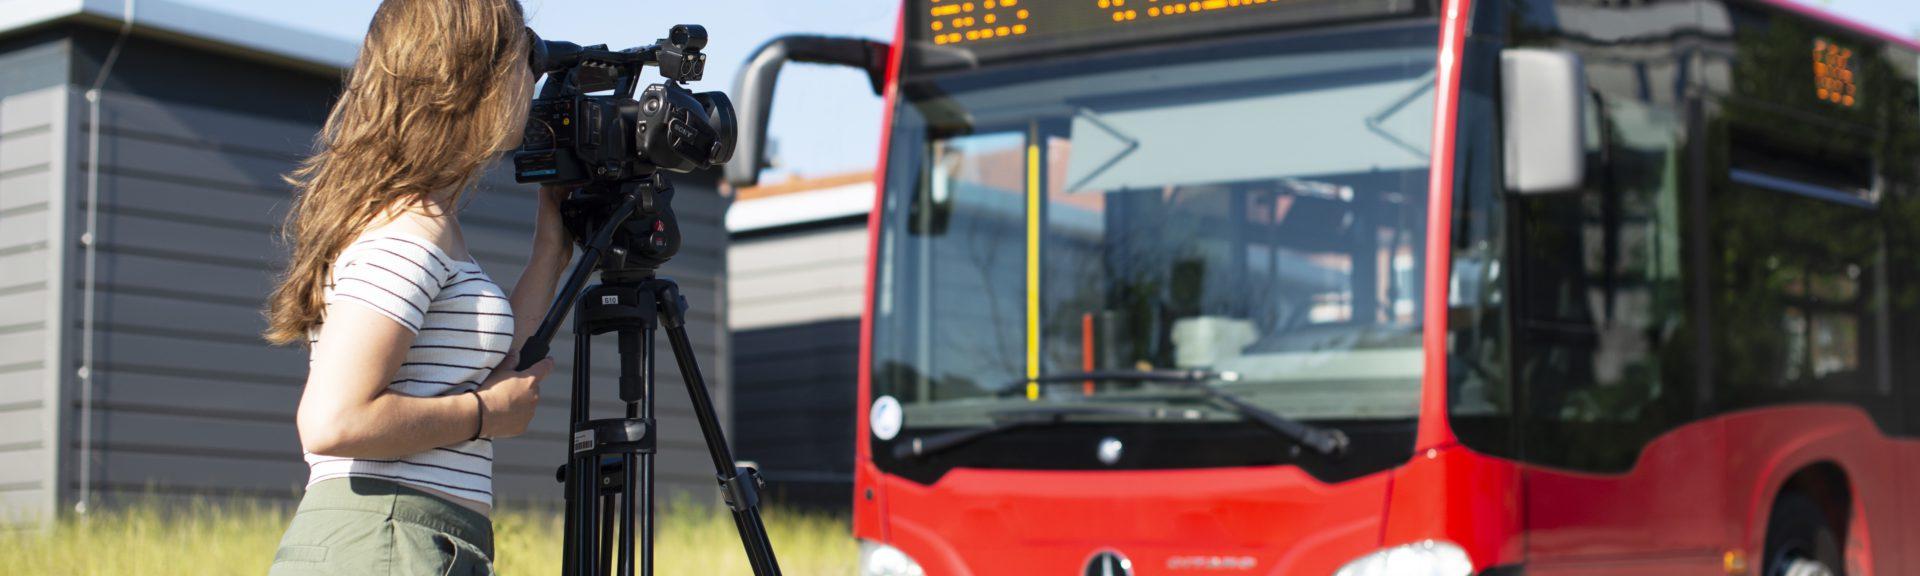 In der rechten Bildhälfte steht ein roter Bus aus dem Nahverkehr. Links steht sich eine junge Fraz mit langen braunen Haaren und sommerlicher Kleidung. Sie schaut durch den Sucher einer Kamera, die auf einem Stativ steht und zum Bus zeigt.